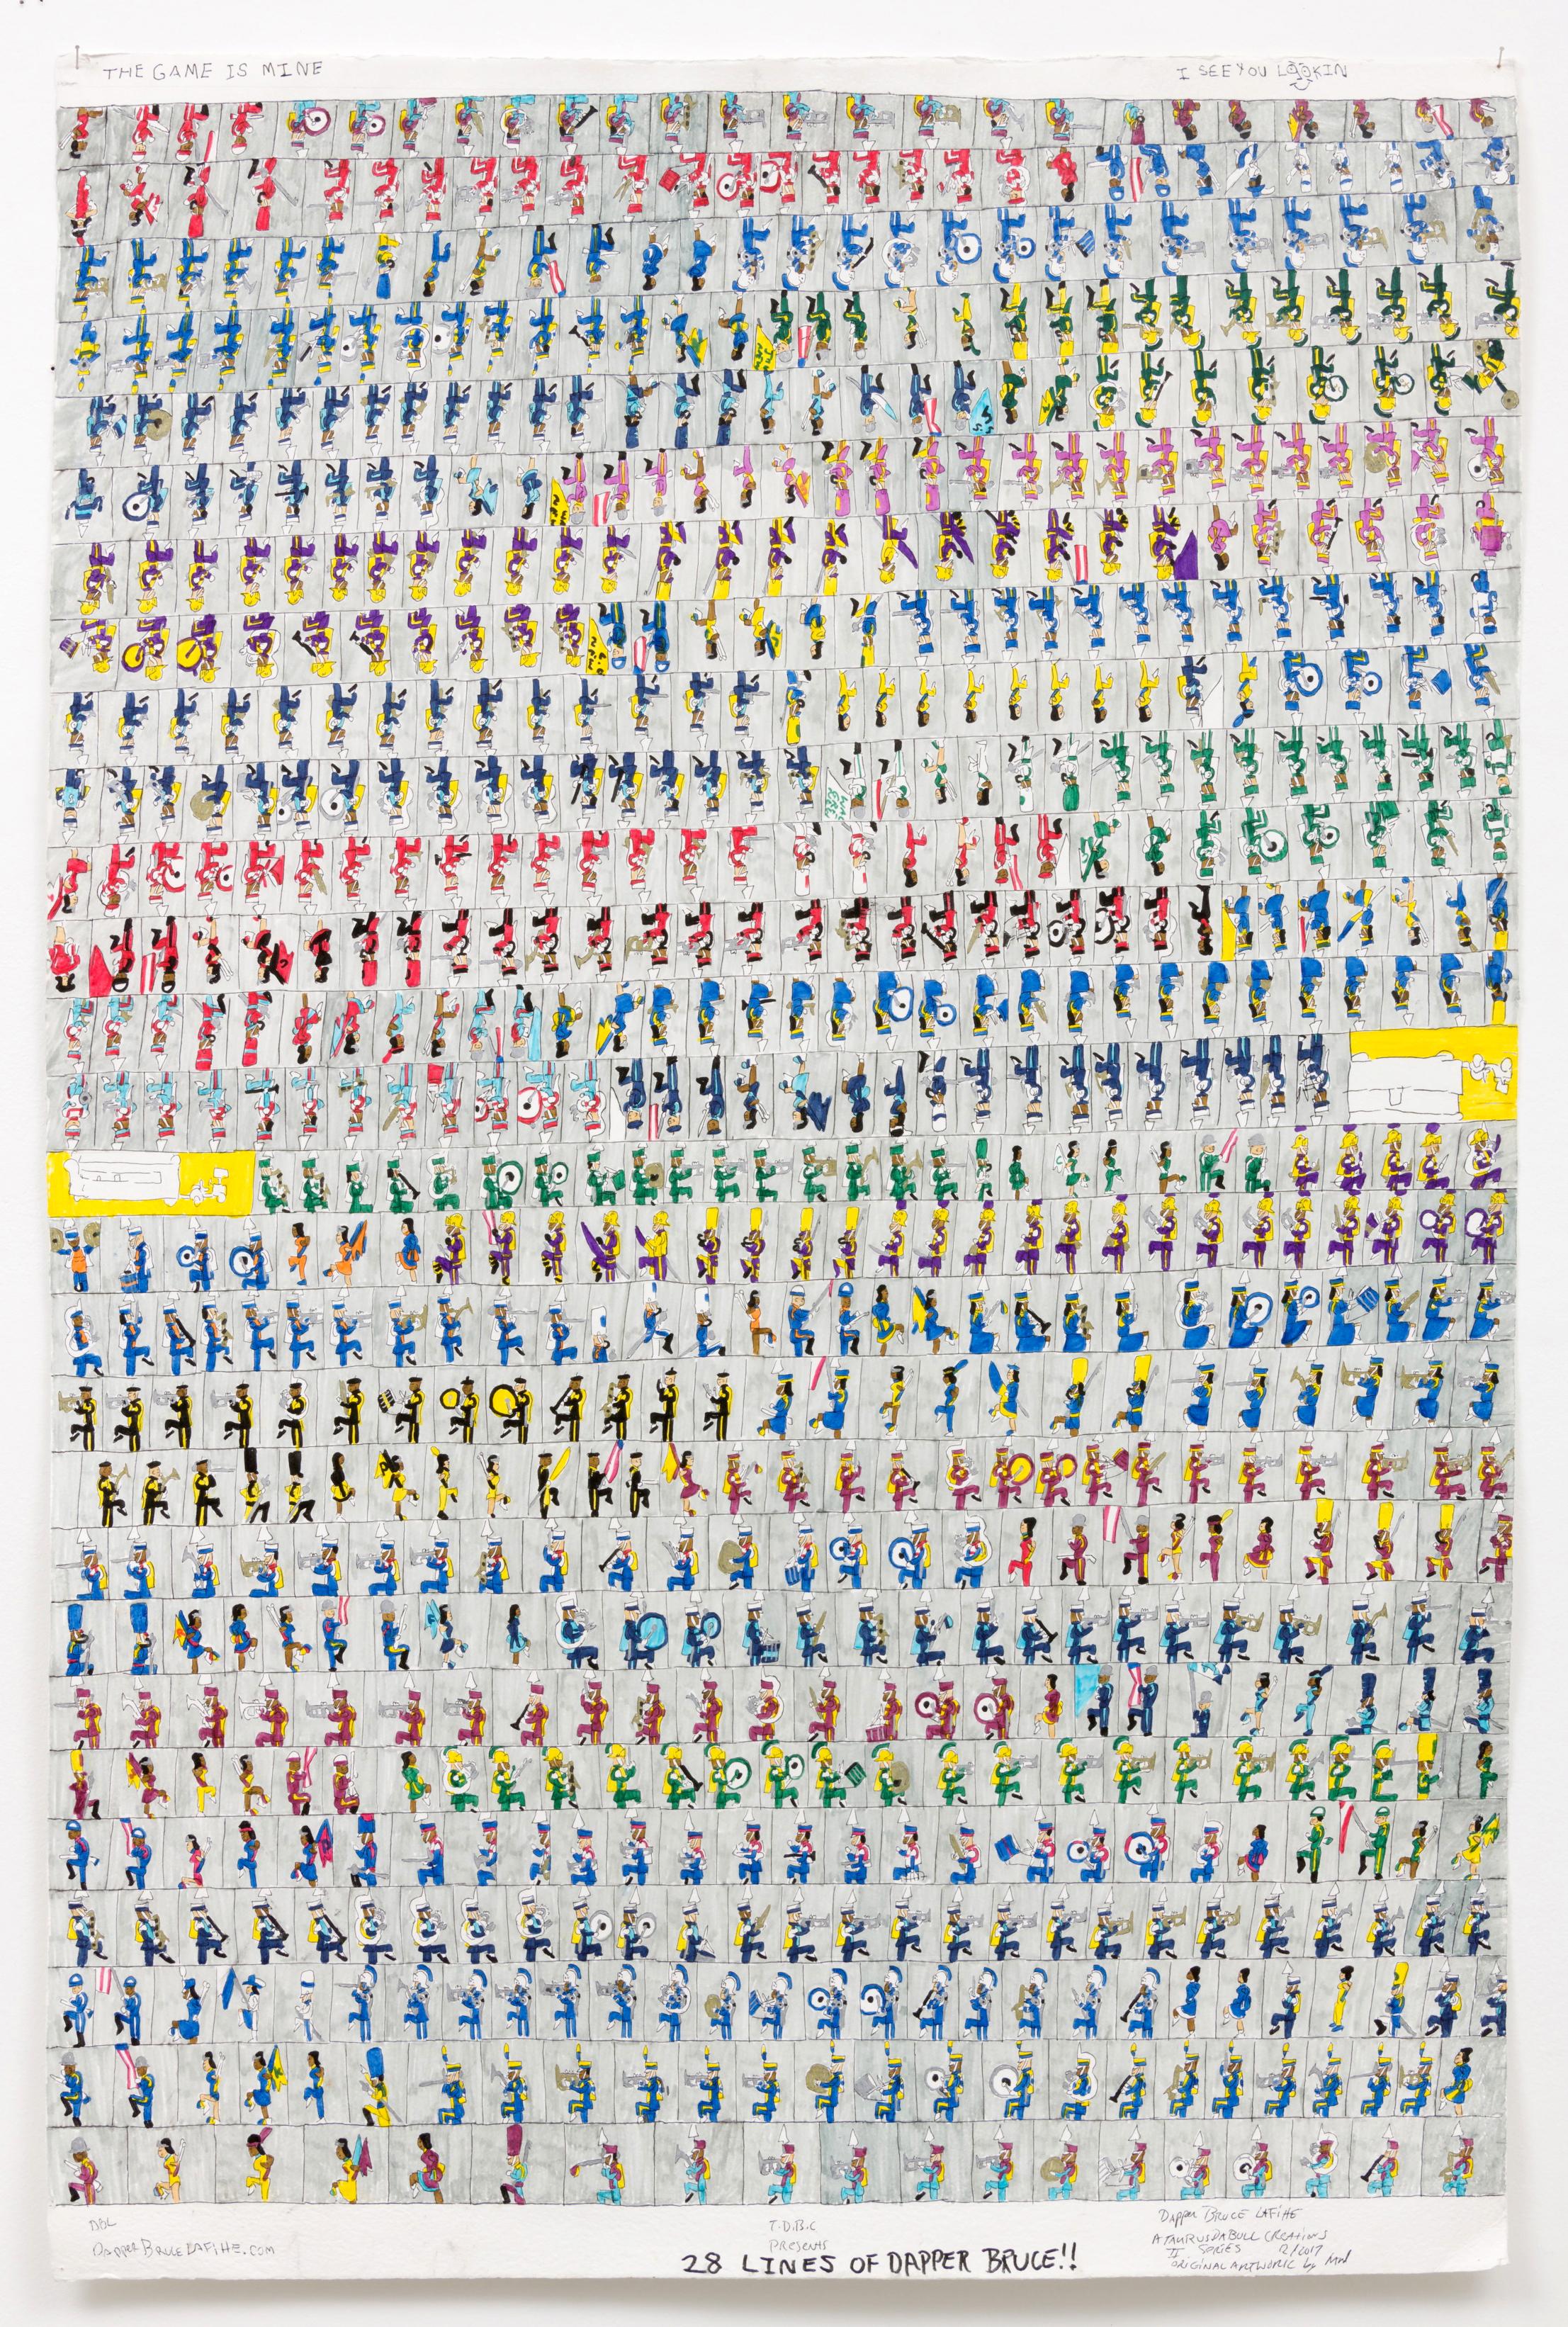 """Dapper Bruce Lafitte  28 Lines of Dapper Bruce!!, 2017  archival ink on acid free paper  60 x 40"""""""